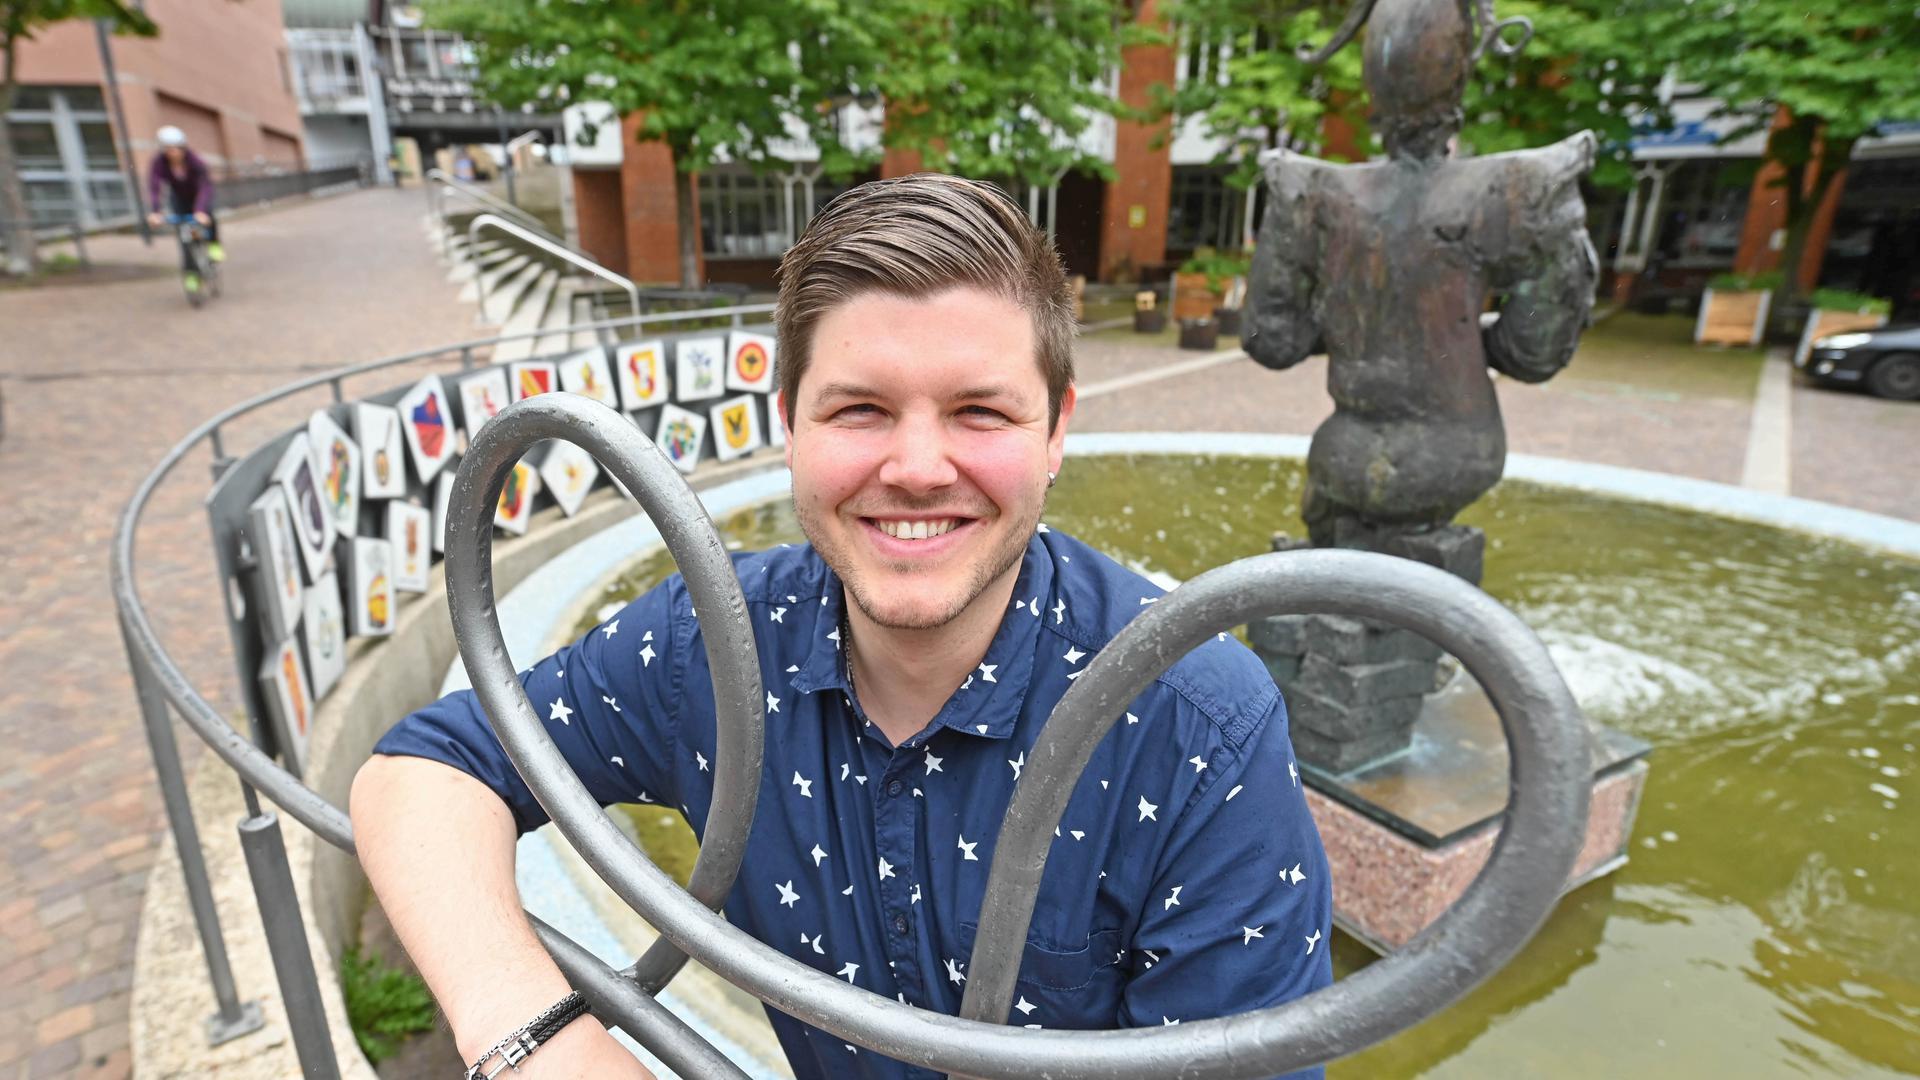 Zum Narrenbrunnen am Karlsruher Kronenplatz hat Marco Dawid, der Vorsitzende des Stadtjugendausschusses, eine ganz besondere Beziehung: Immerhin ist er ein aktiver und begeisterter Fastnachter.